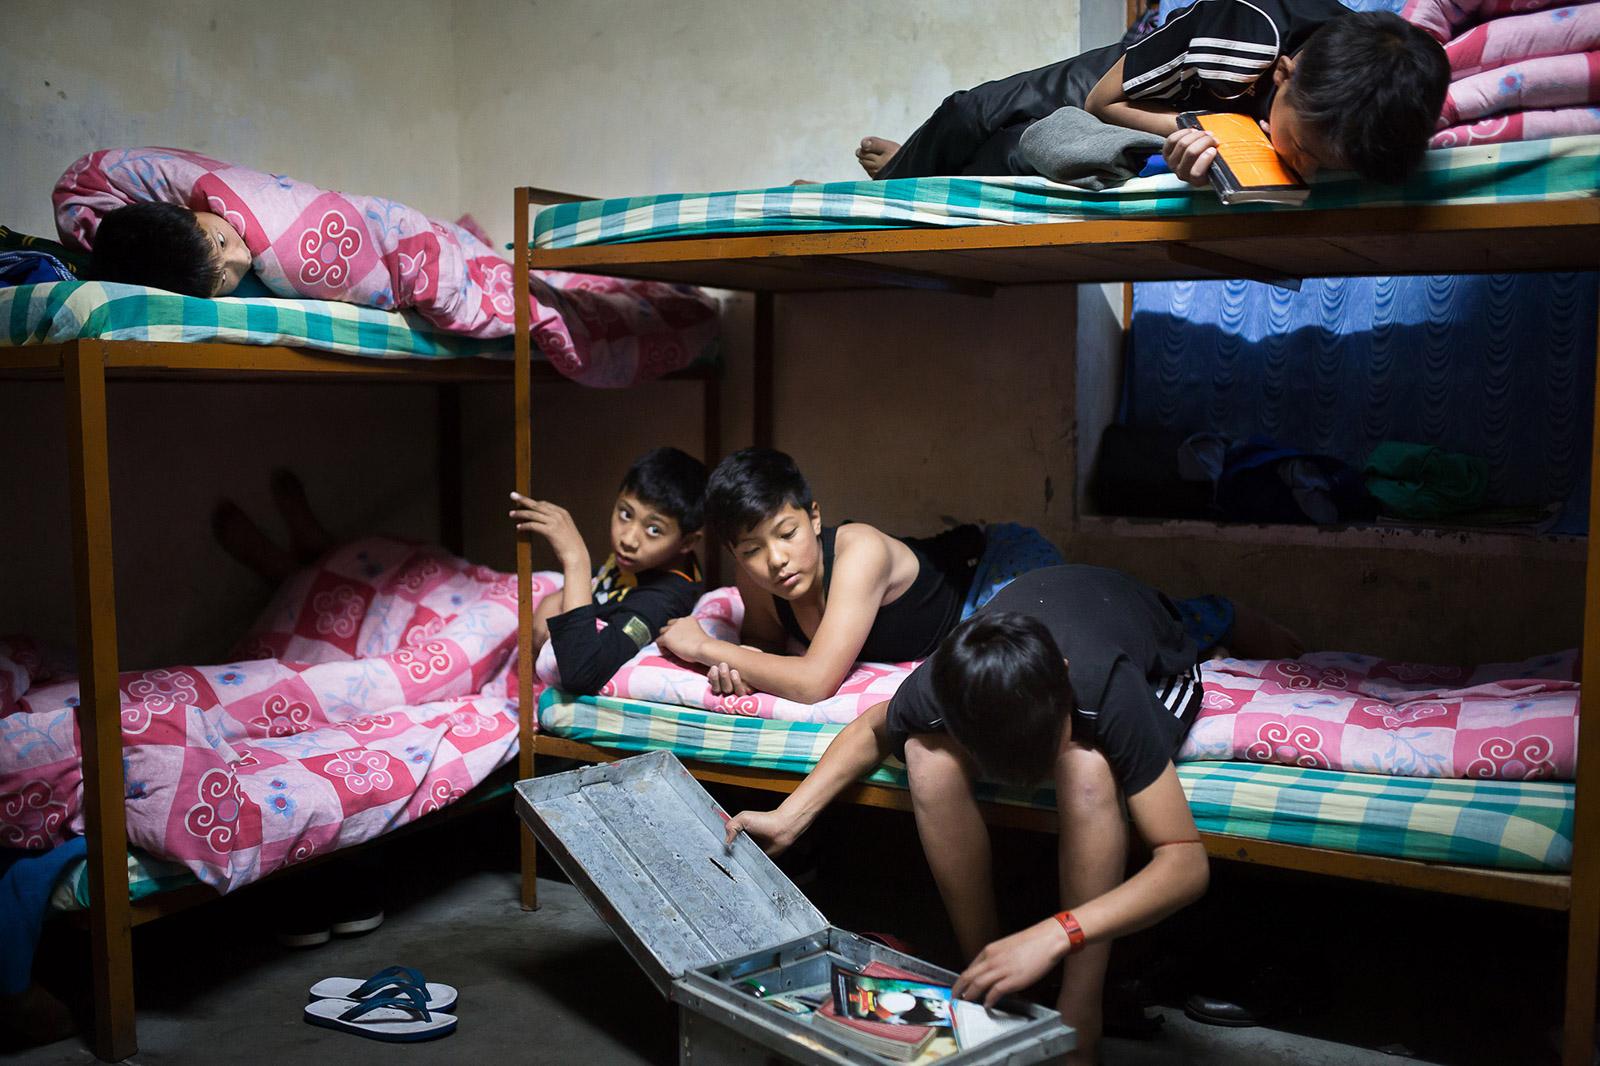 Dans le dortoir des garçons, juste avant de s'endormir, l'un d'